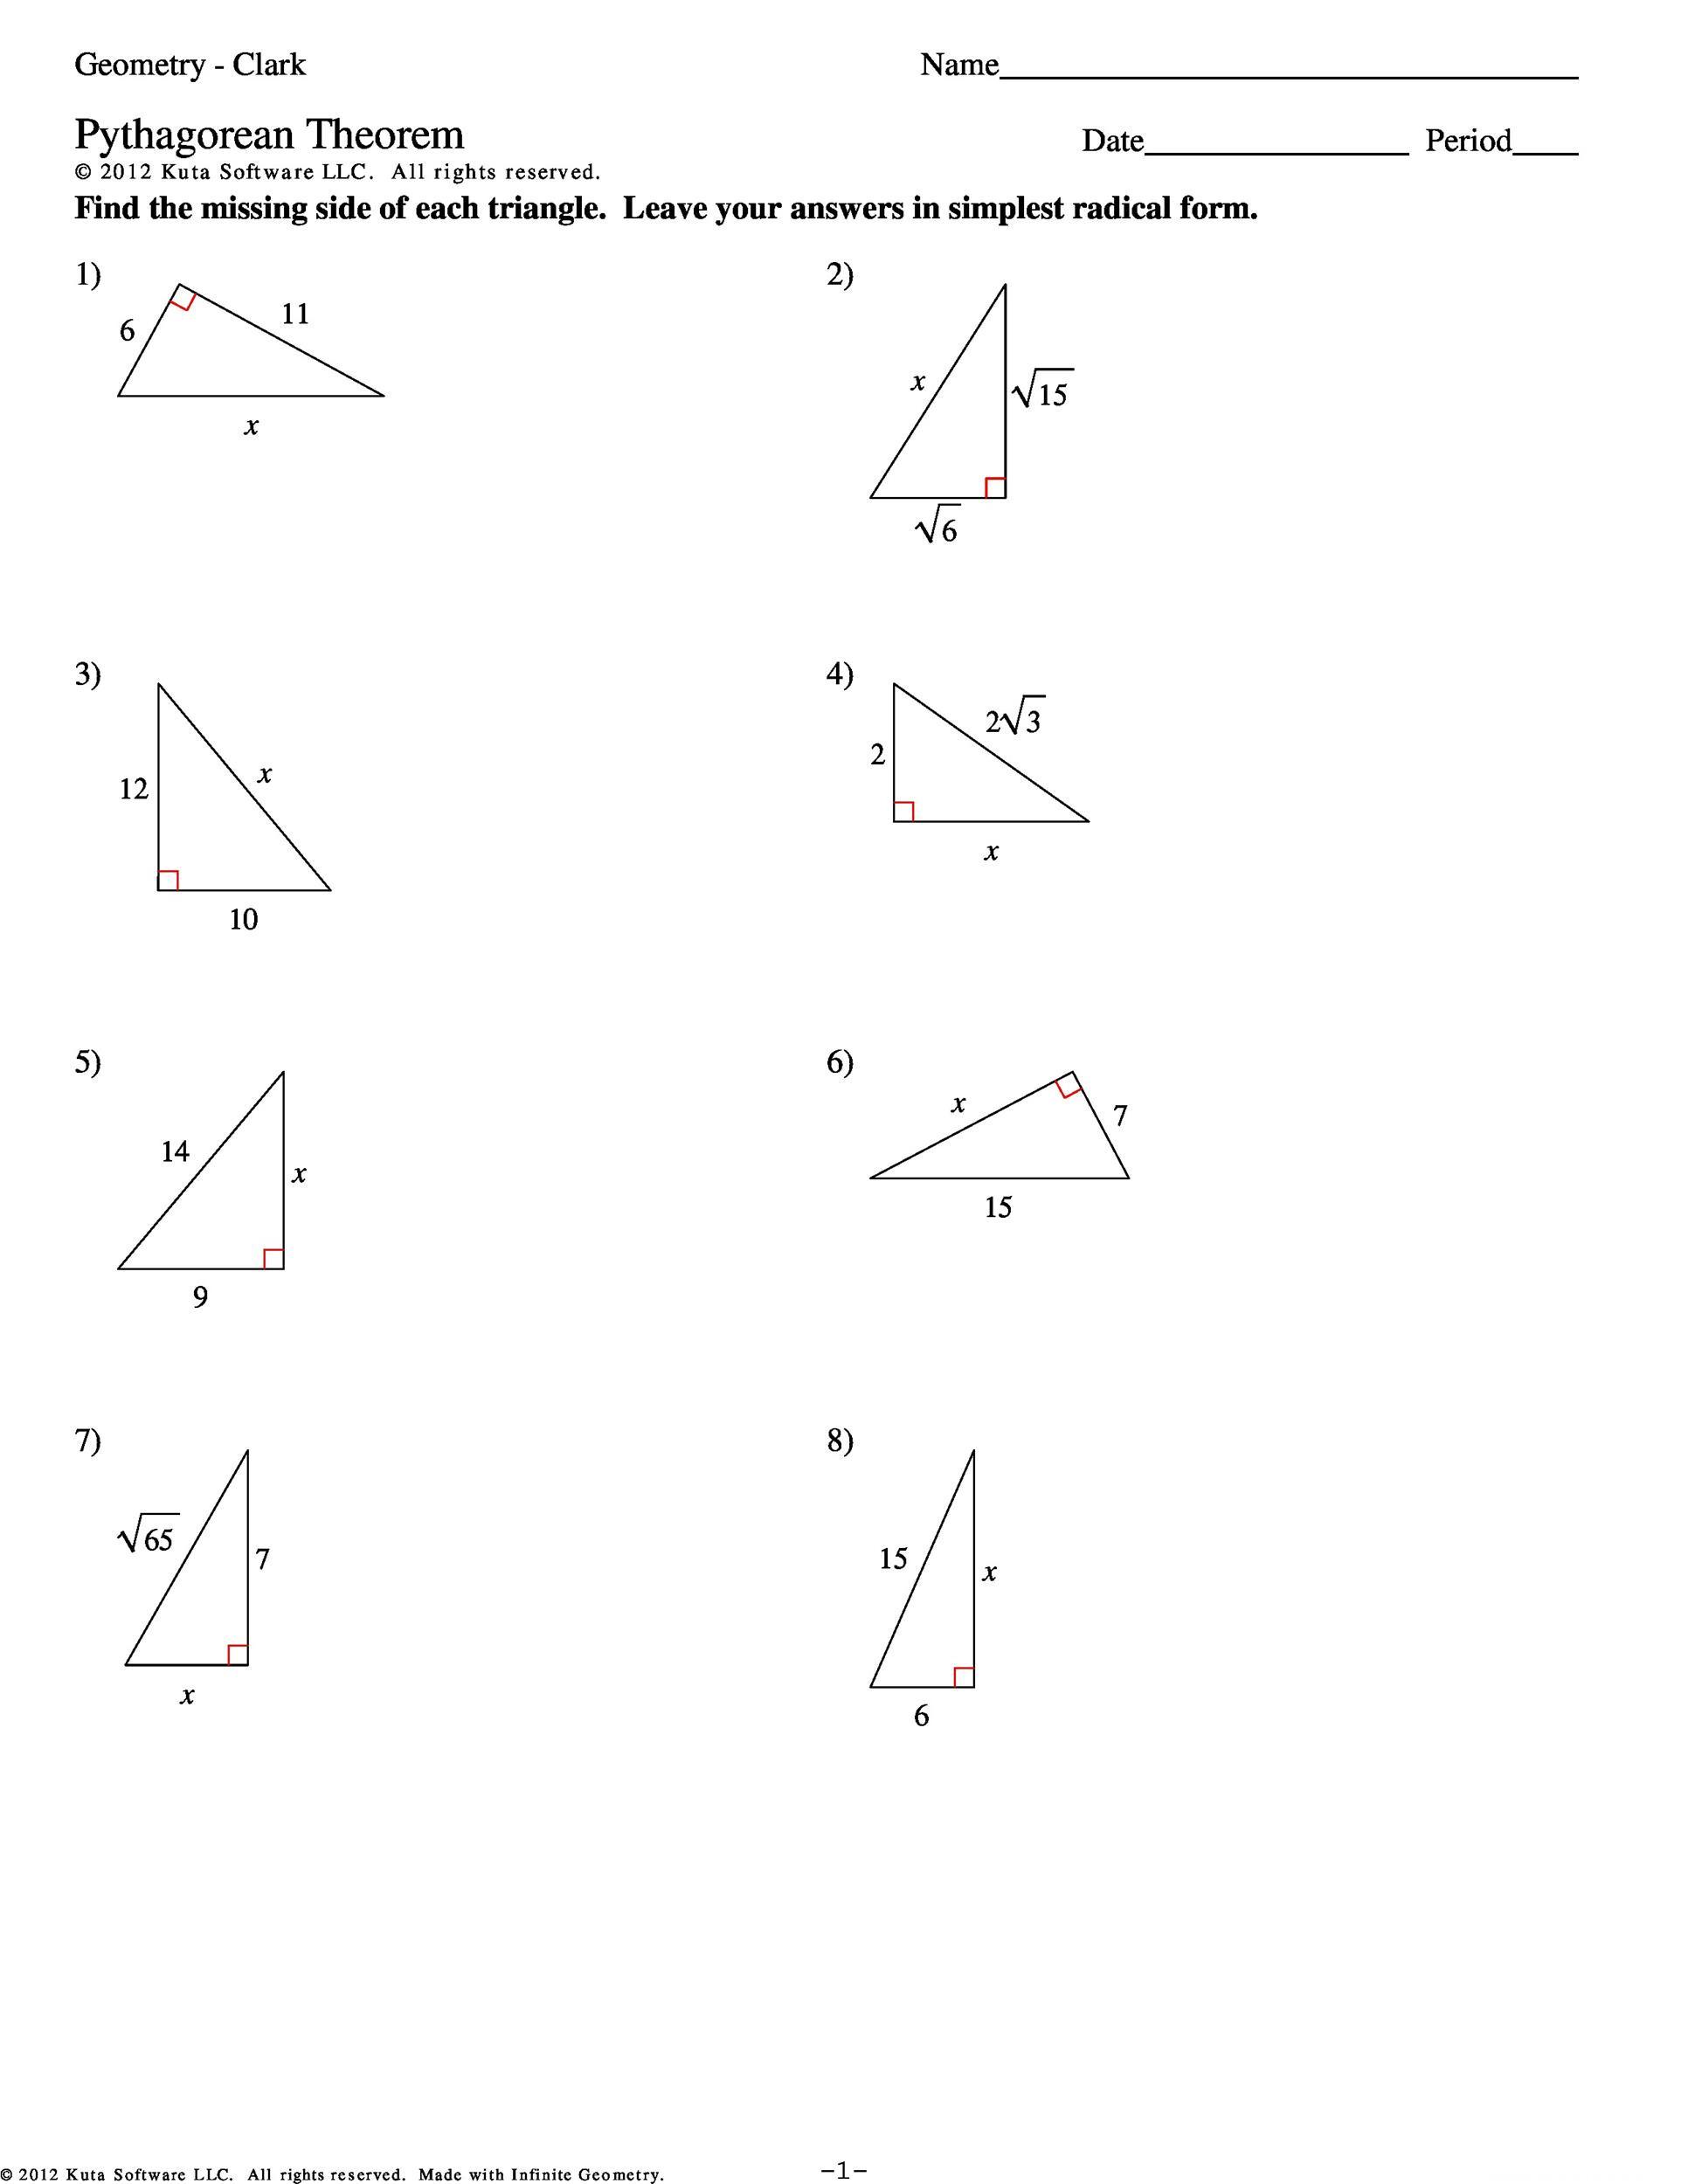 Pythagorean theorem Worksheet Answers 48 Pythagorean theorem Worksheet with Answers [word Pdf]